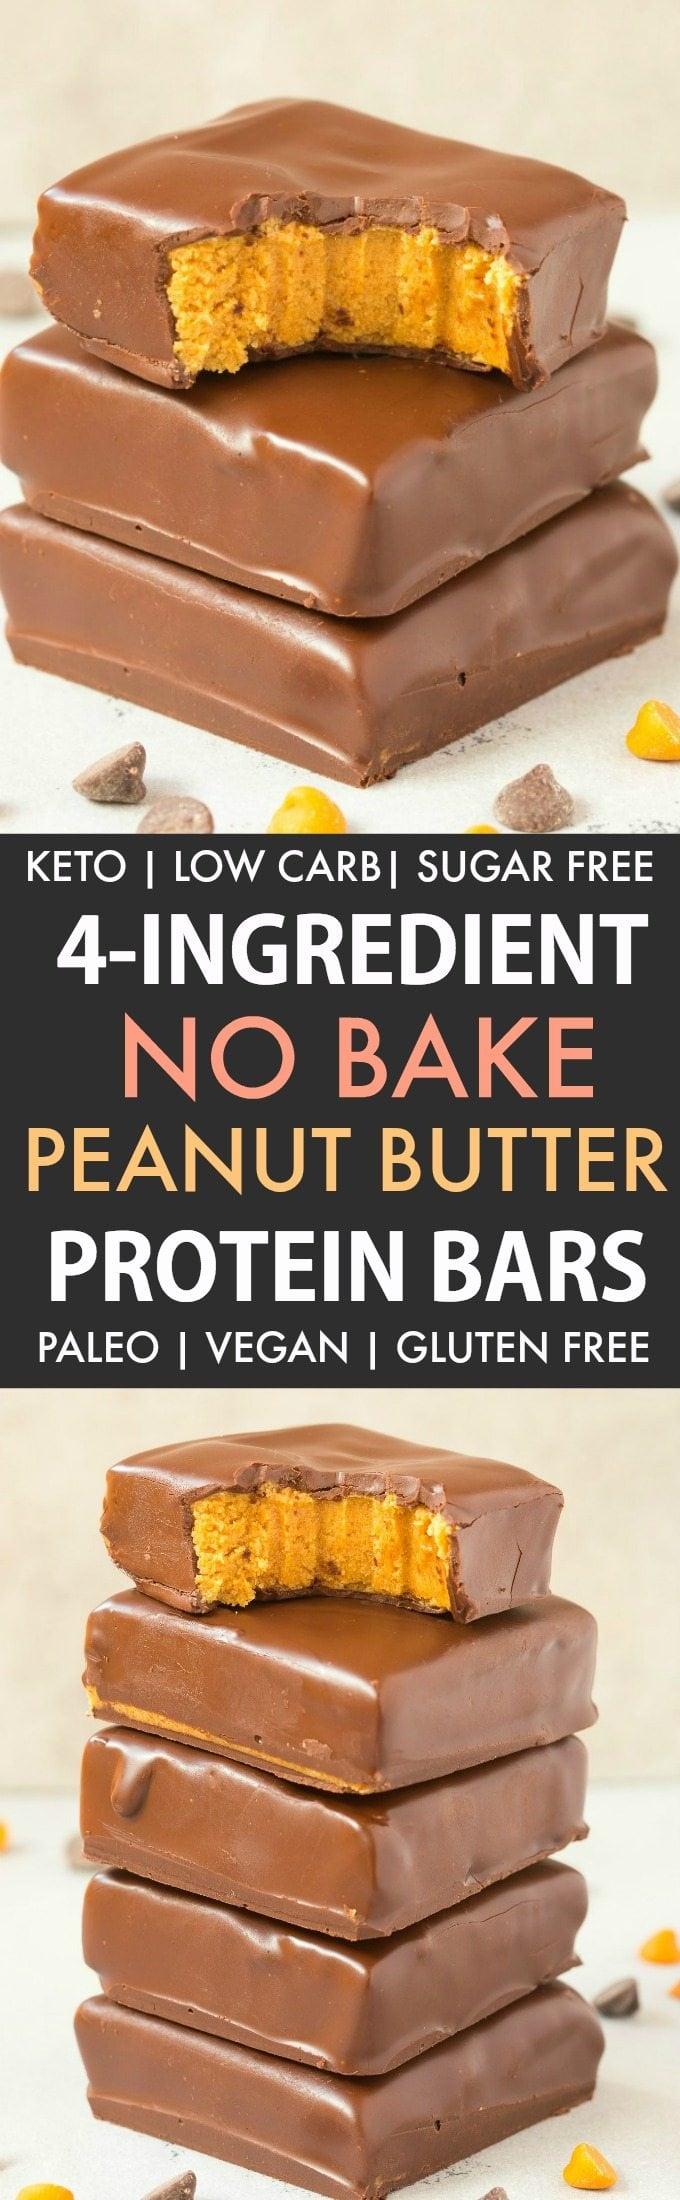 proteinbar opskrift peanutbutter